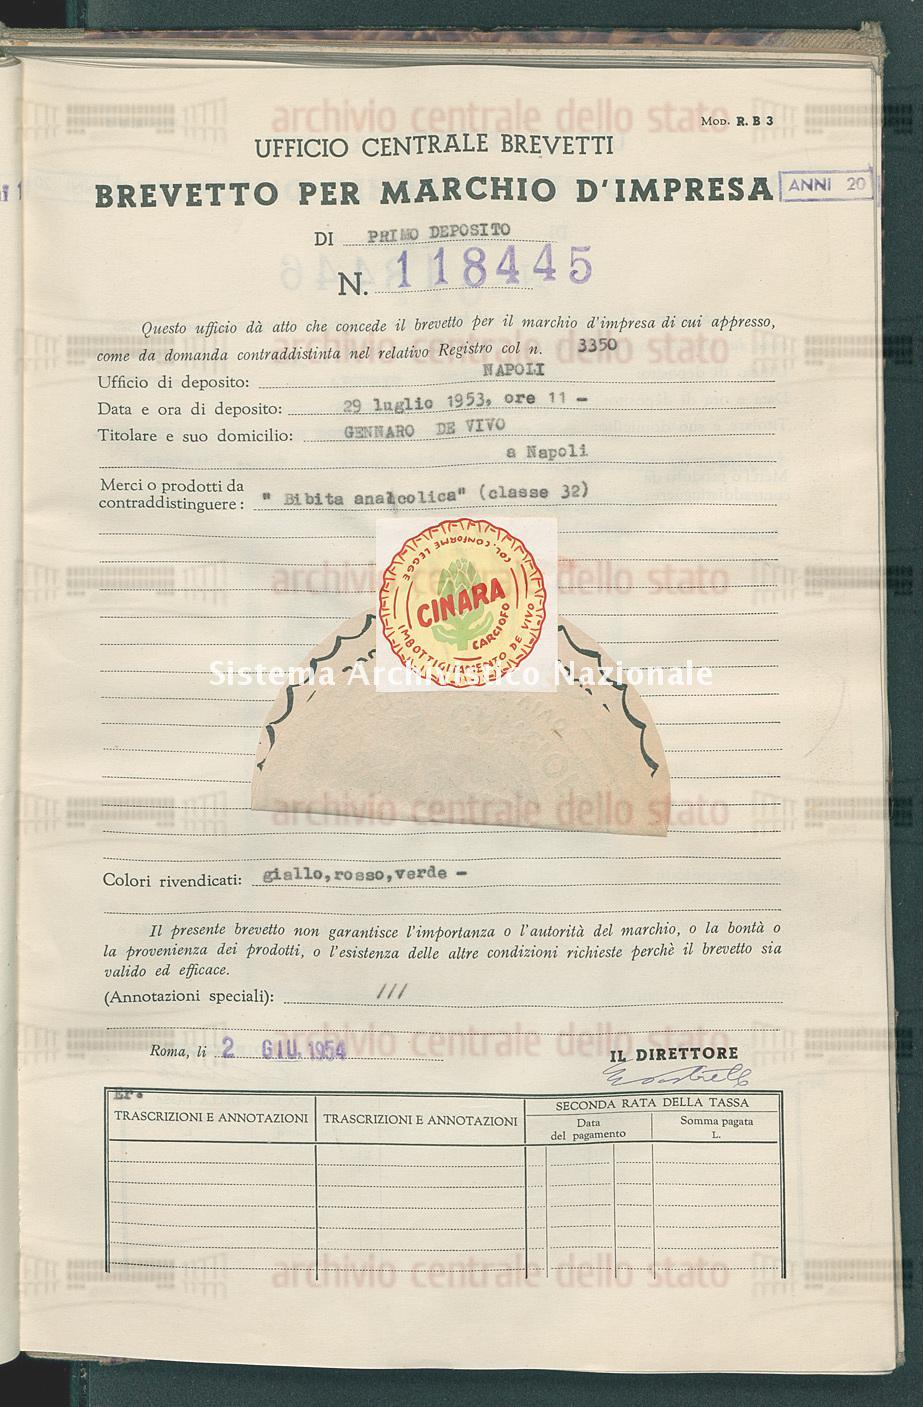 'Bibita analcolica' Gennaro De Vivo (02/06/1954)